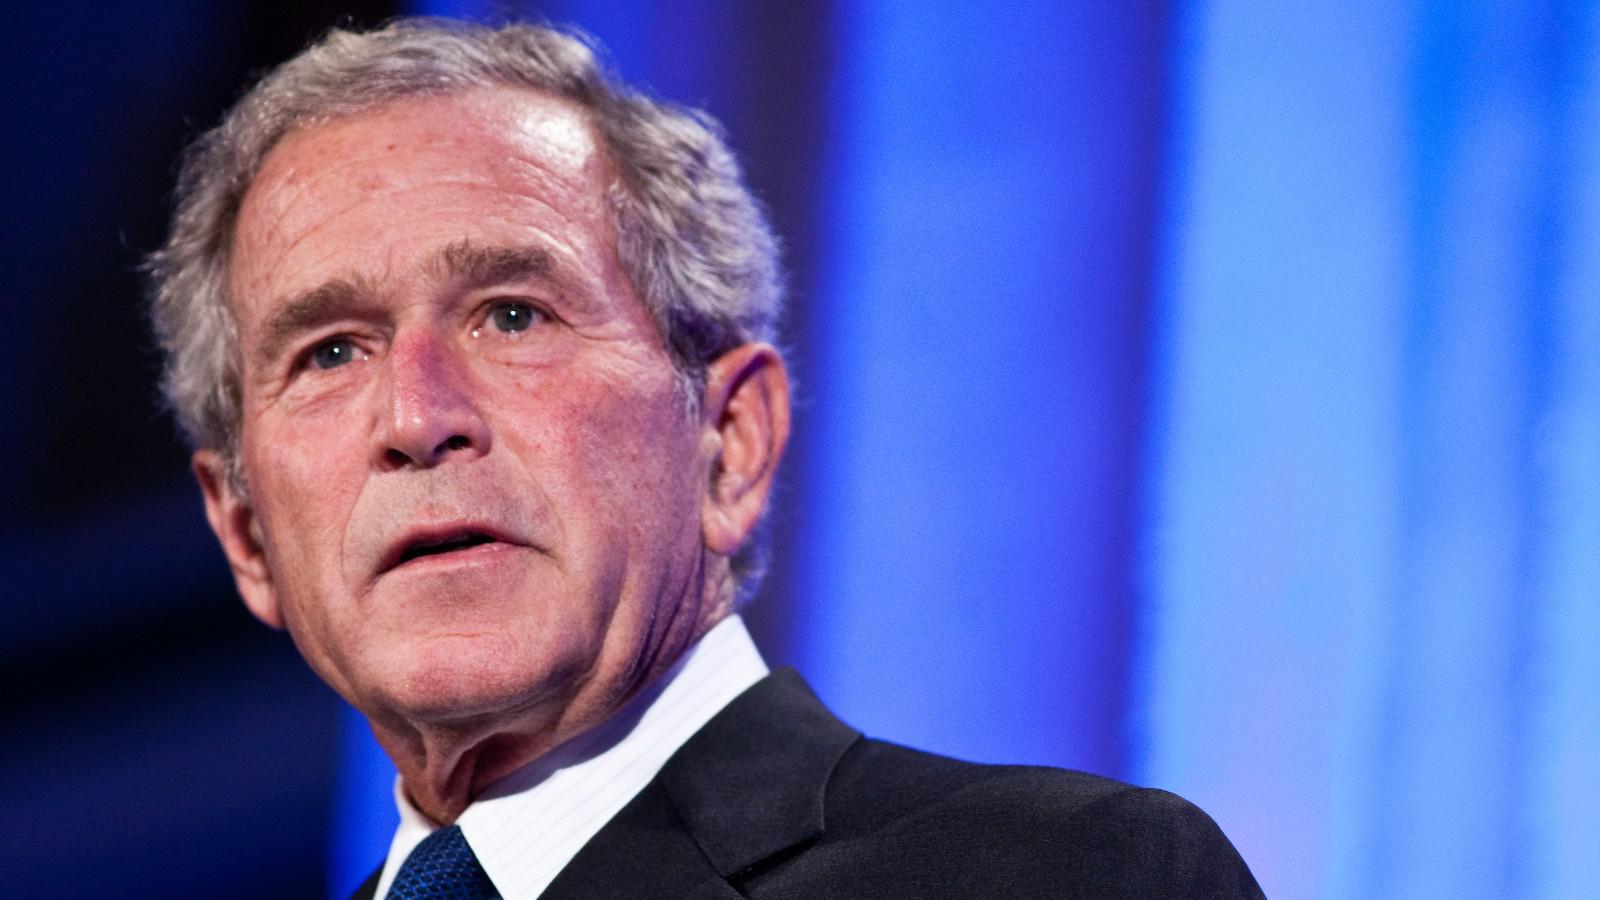 George W. Bush Fast Facts - CNN